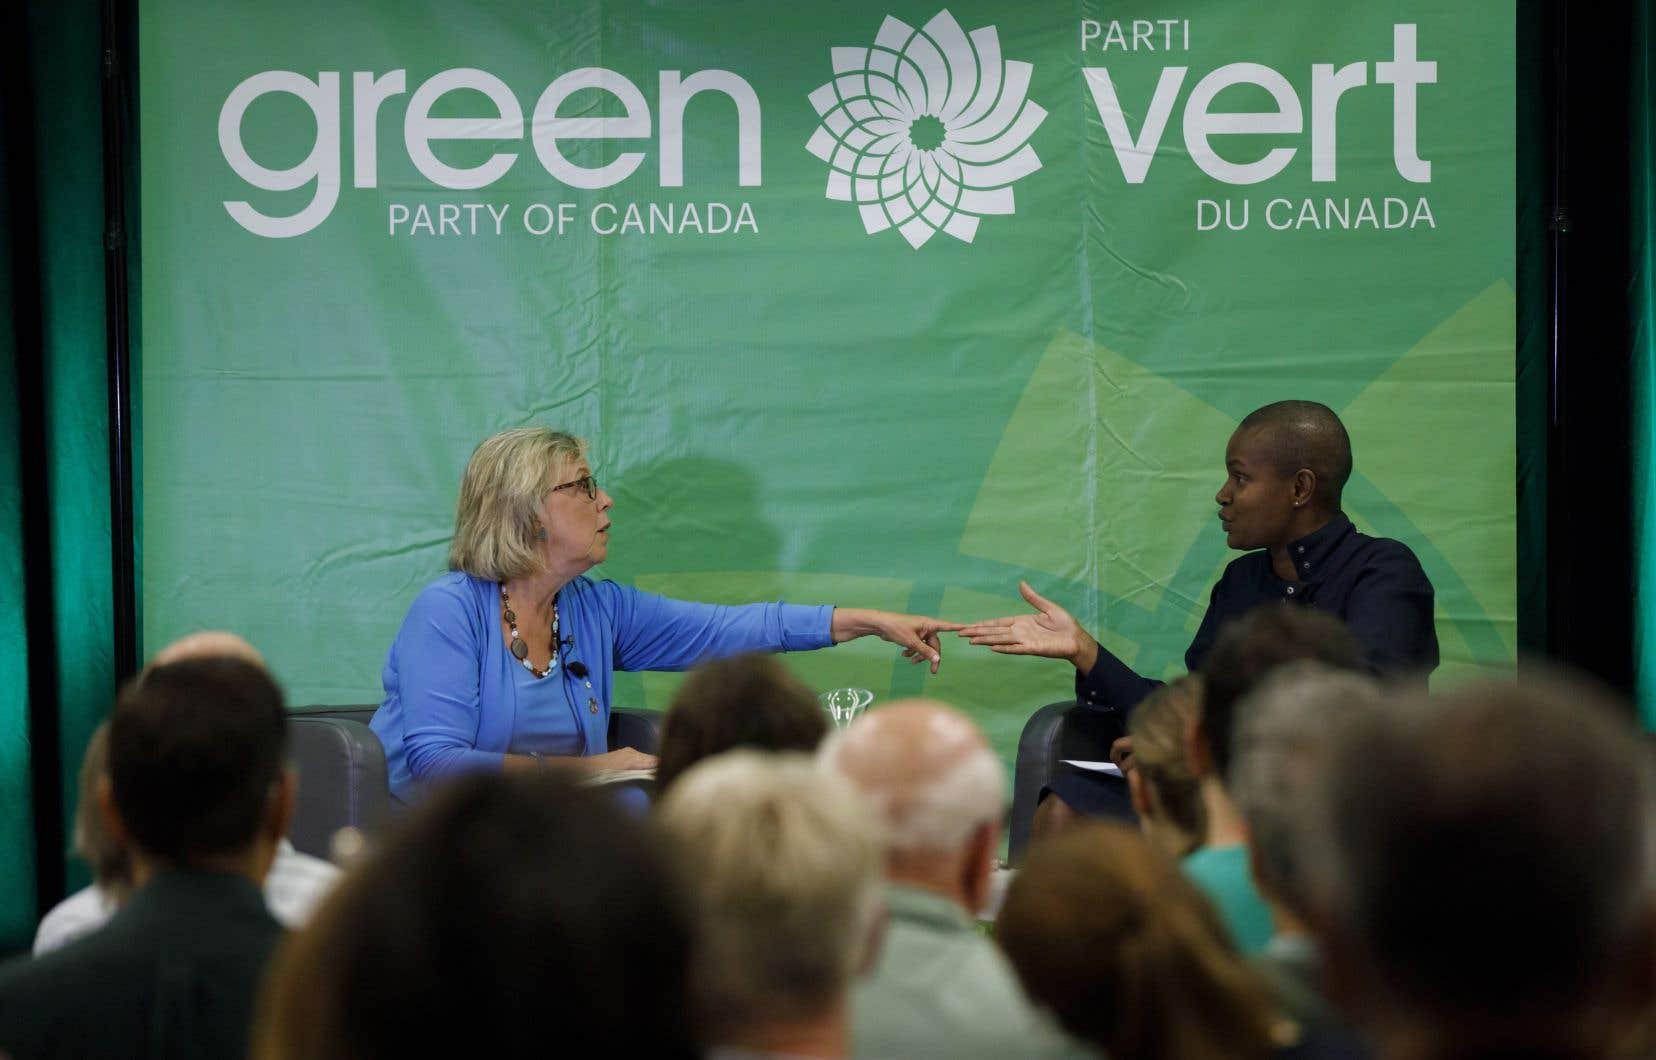 Annamie Paul succède àElizabeth May à la tête du parti.